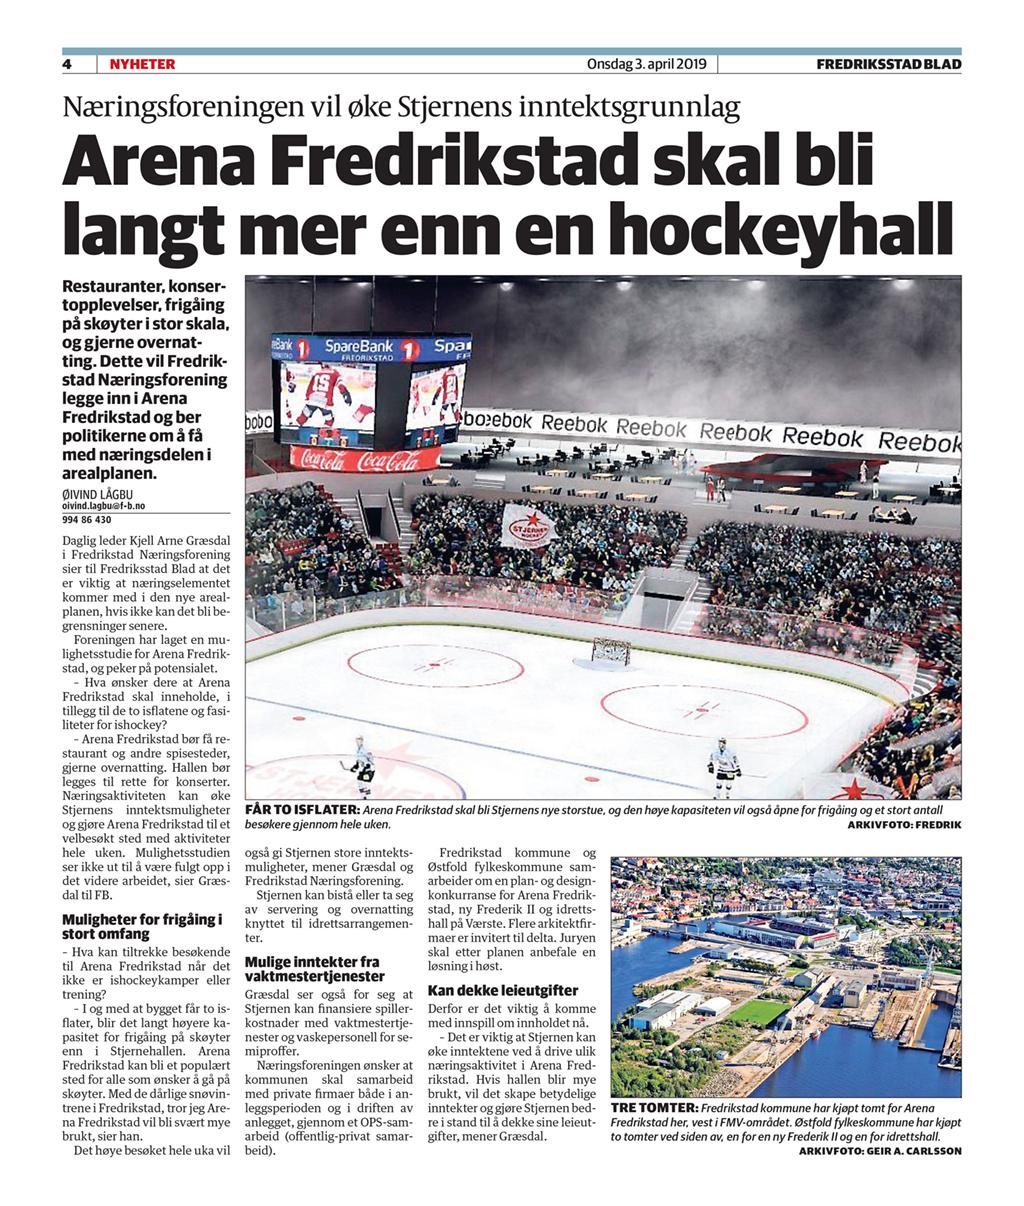 2019-04-03-FB,-Arena-Fredrikstad-skal-bli-langt-mer-enn-en-hockeyhall.jpg